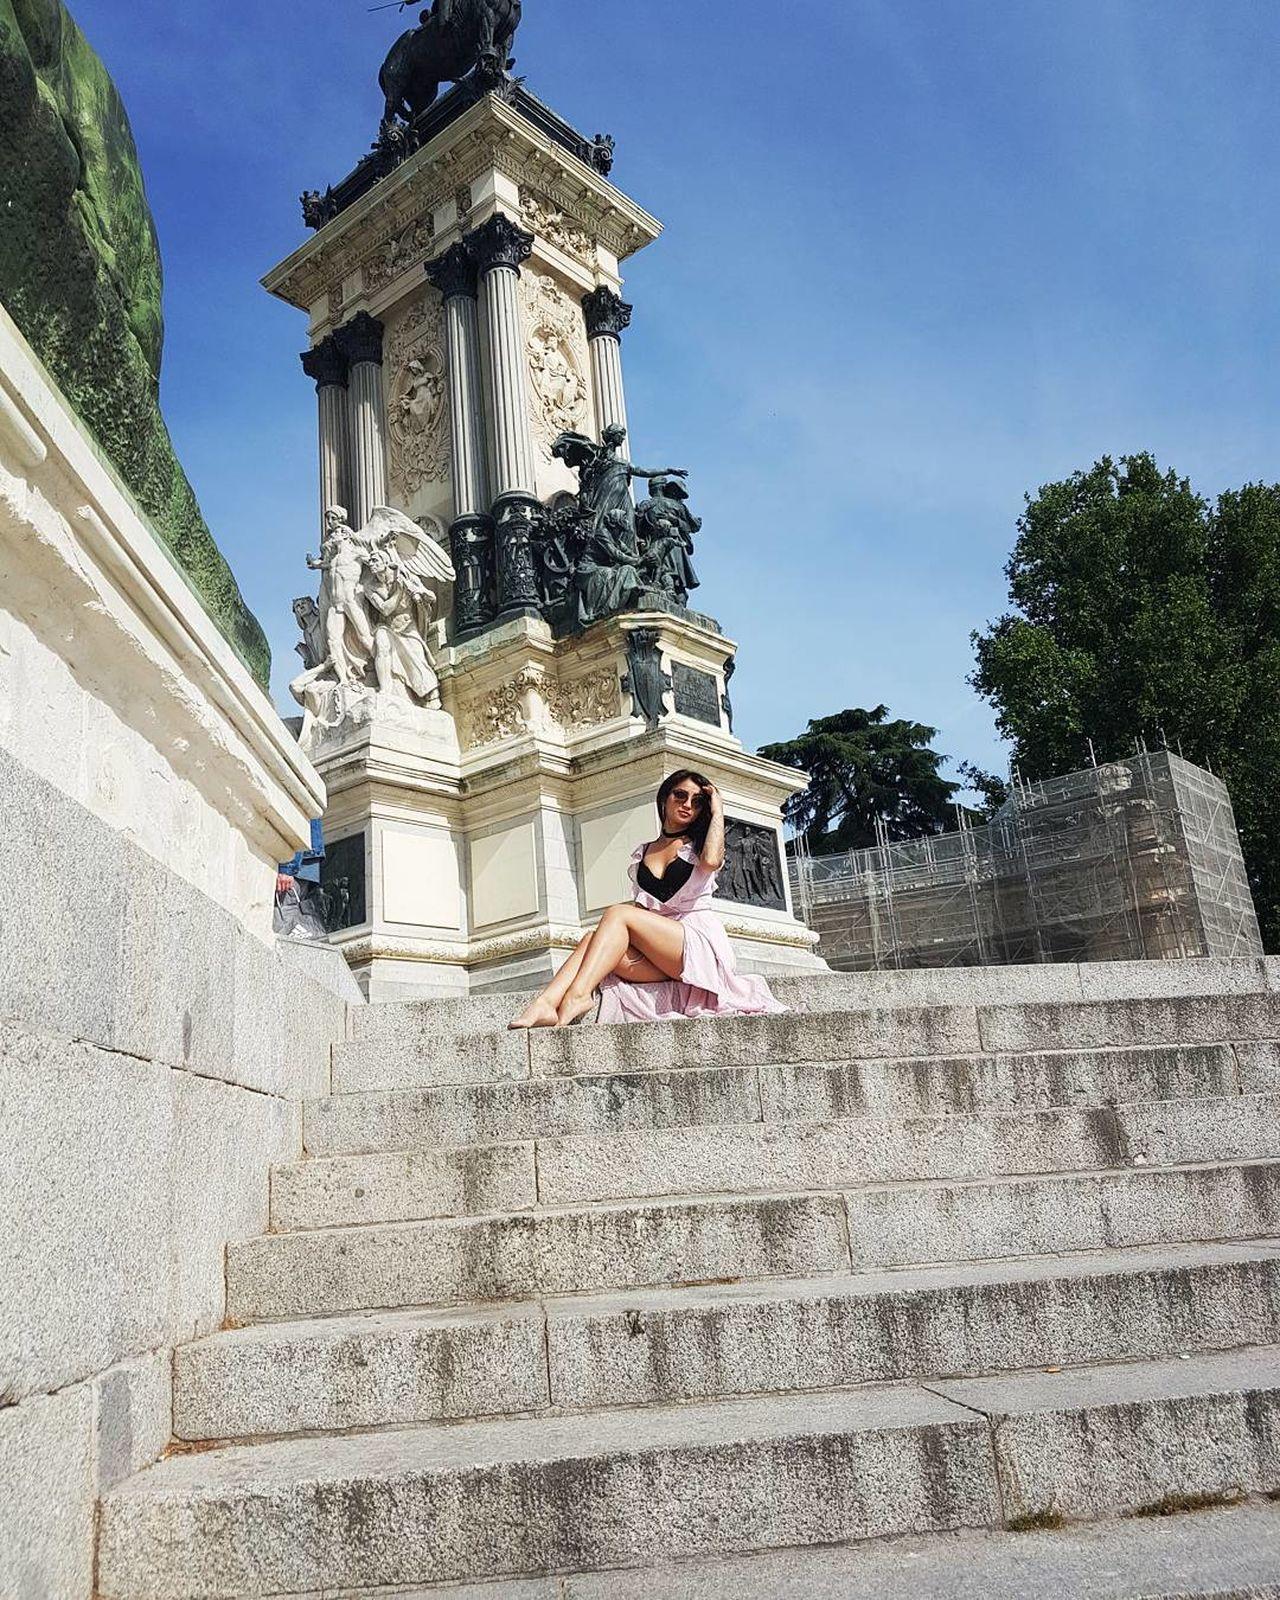 MeMyself&I Onholiday Spain🇪🇸 Madrid Sightseeing Photoshoot Nofilterneeded Fashion Style Lovethisdress Happytime Enjoying Life Travel Photography Love Vacation Amazing Places